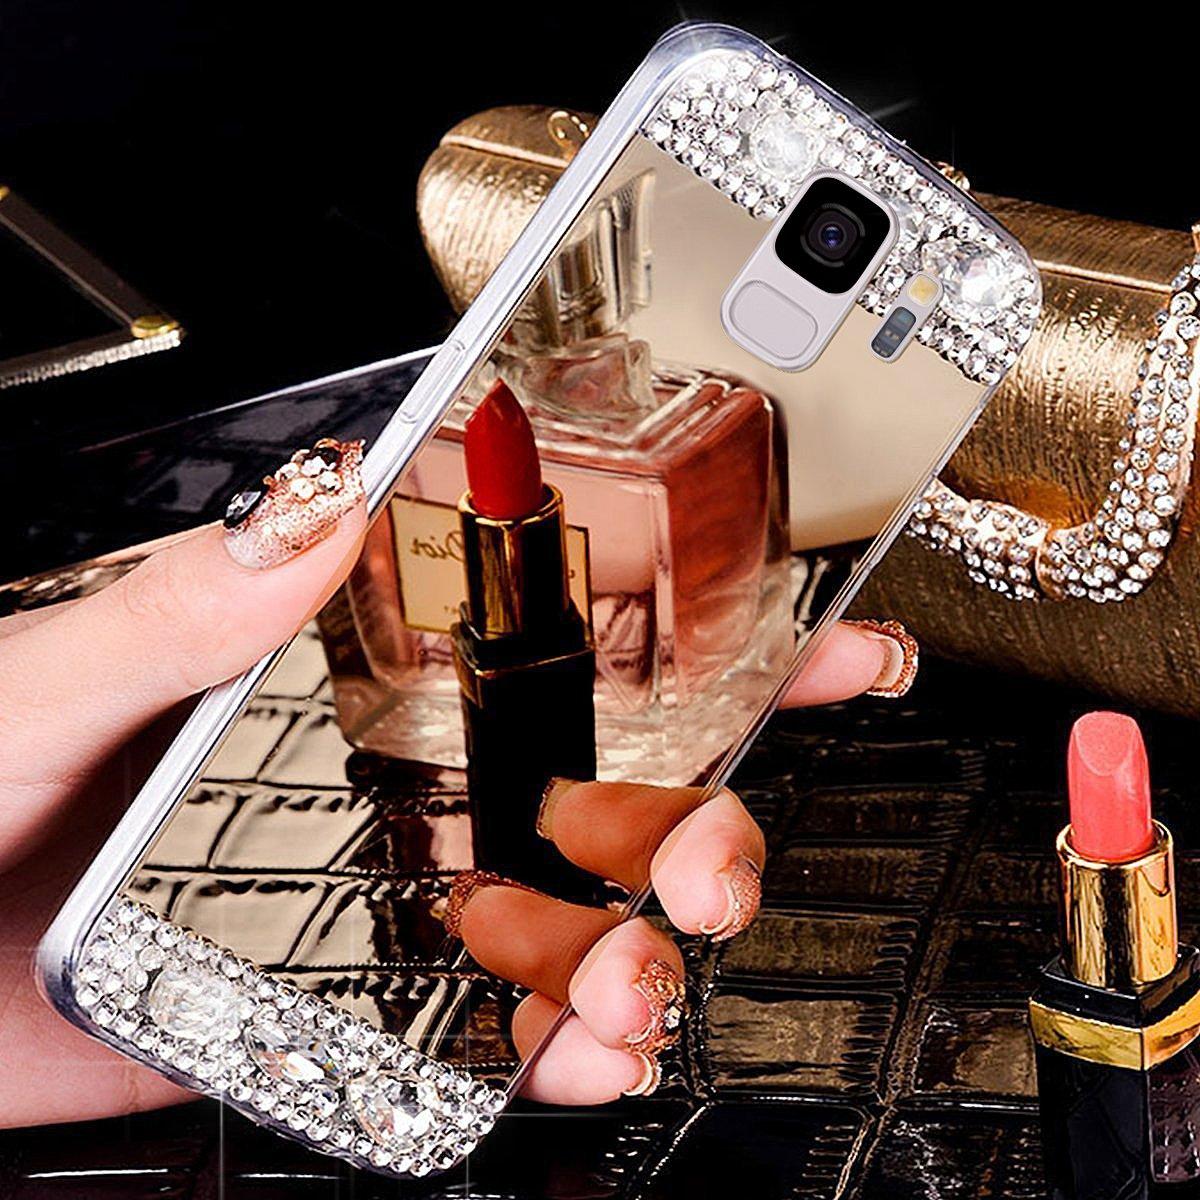 Kompatibel mit Galaxy S9 H/ülle Silikon Spiegel /Ü/Überzug Mirror Handyh/ülle Schutzh/ülle Case Gl/änzend Strass TPU H/ülle Durchsichtig Handytasche,Gold